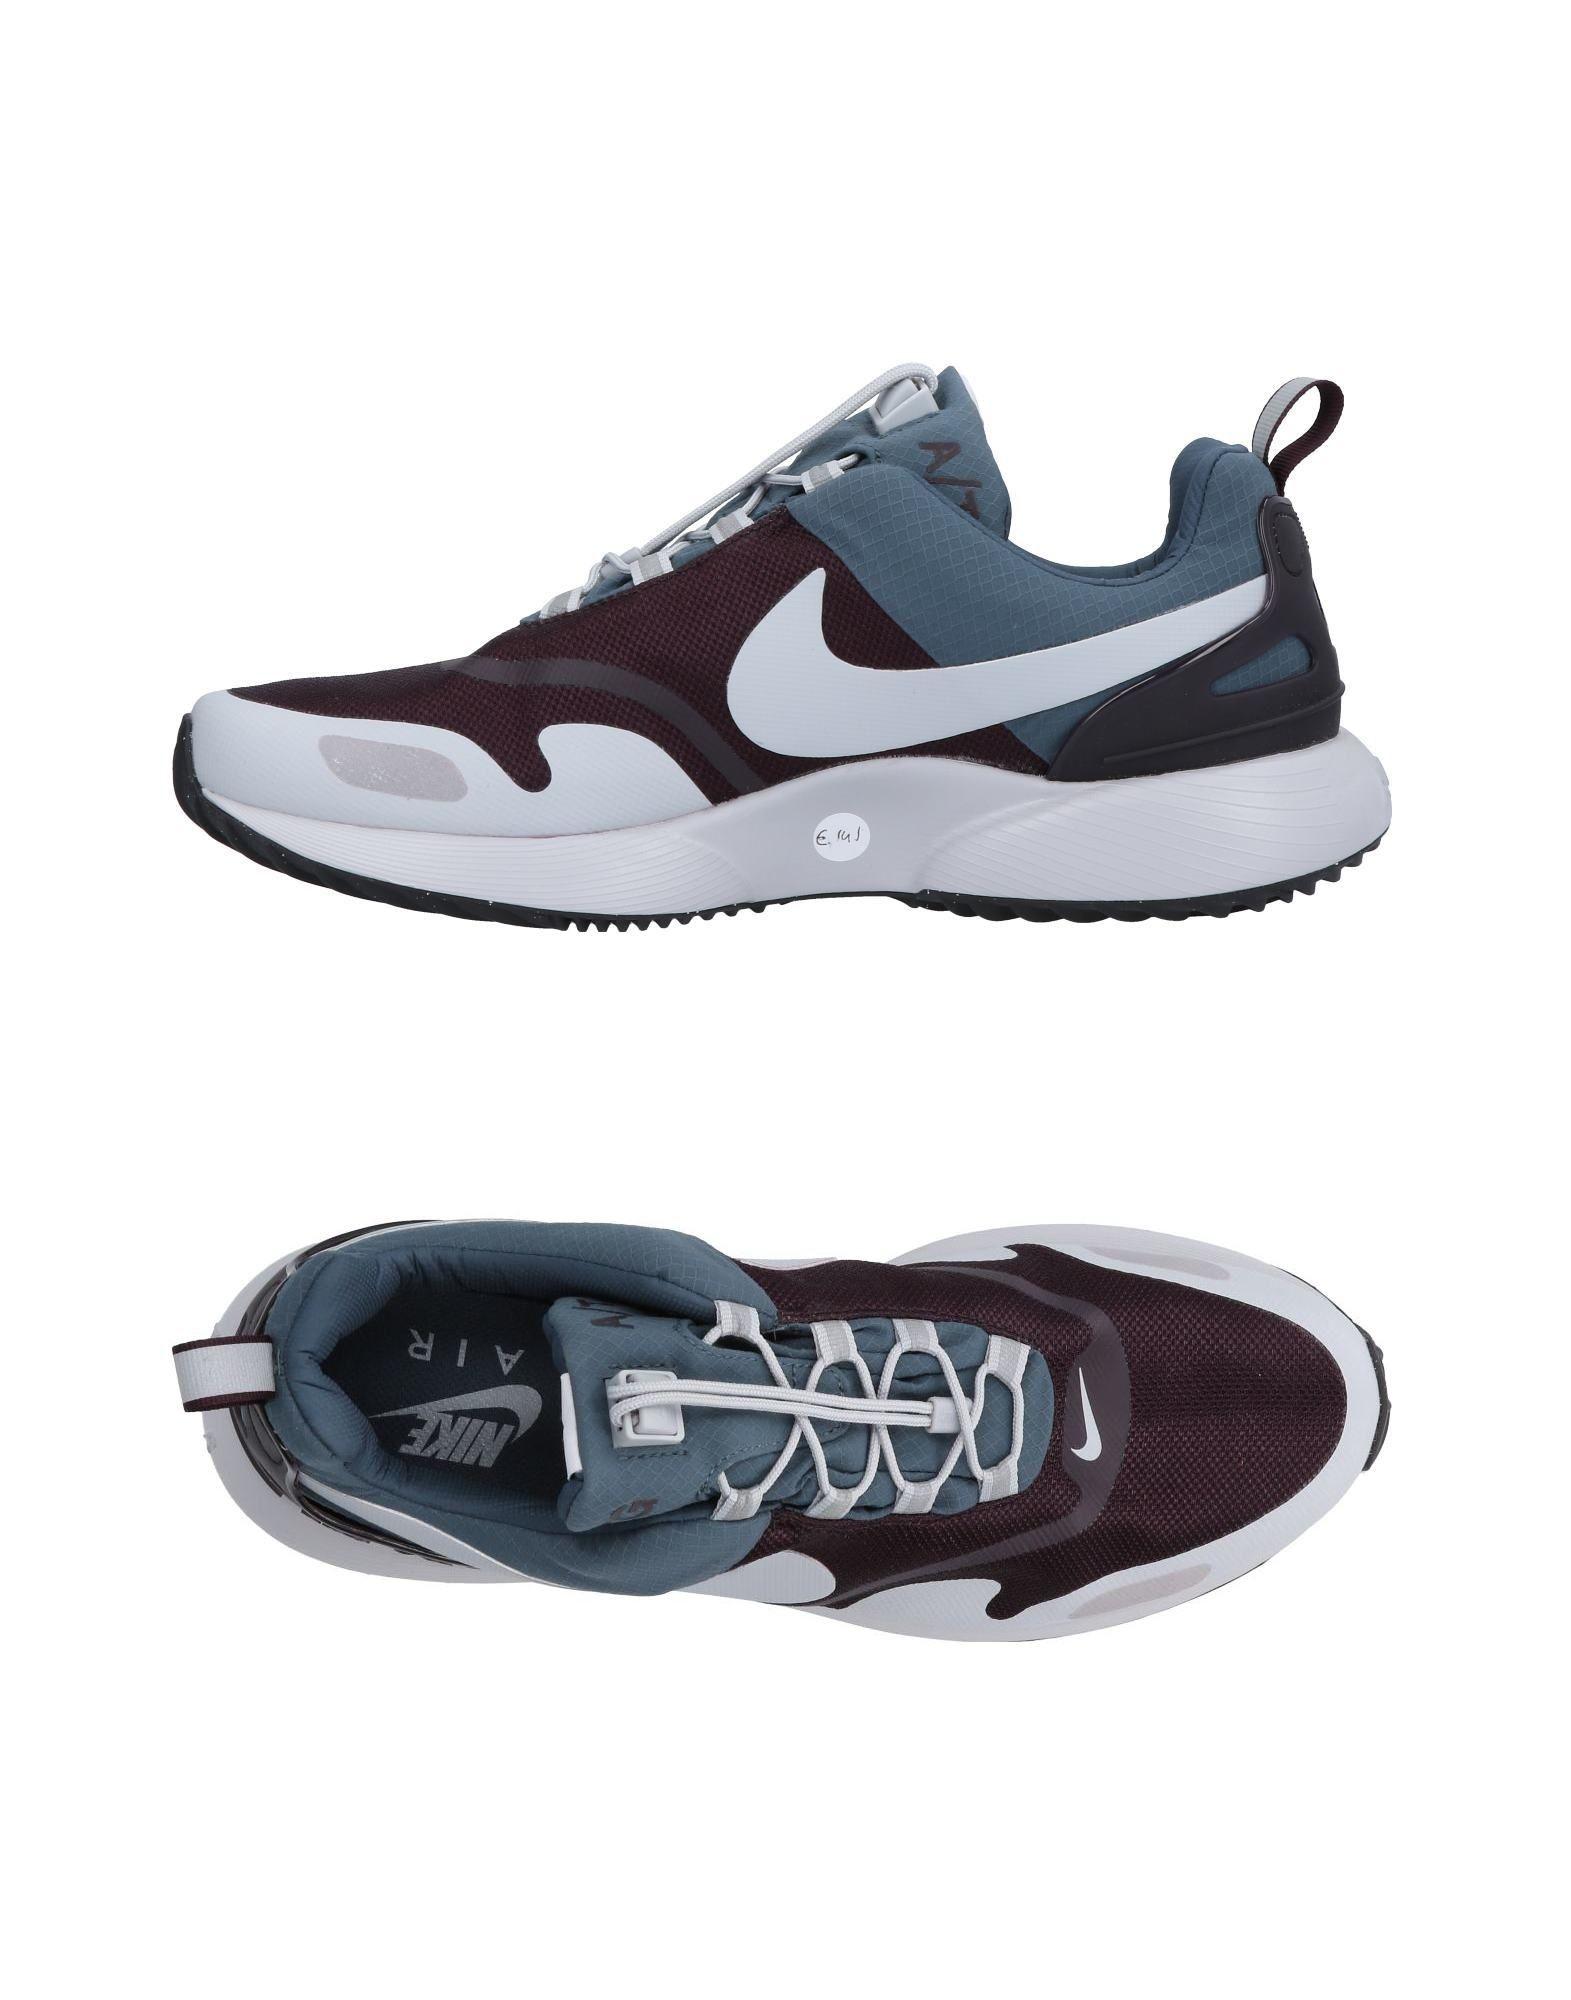 NIKE Herren Low Sneakers & Tennisschuhe Farbe Dunkelviolett Größe 14